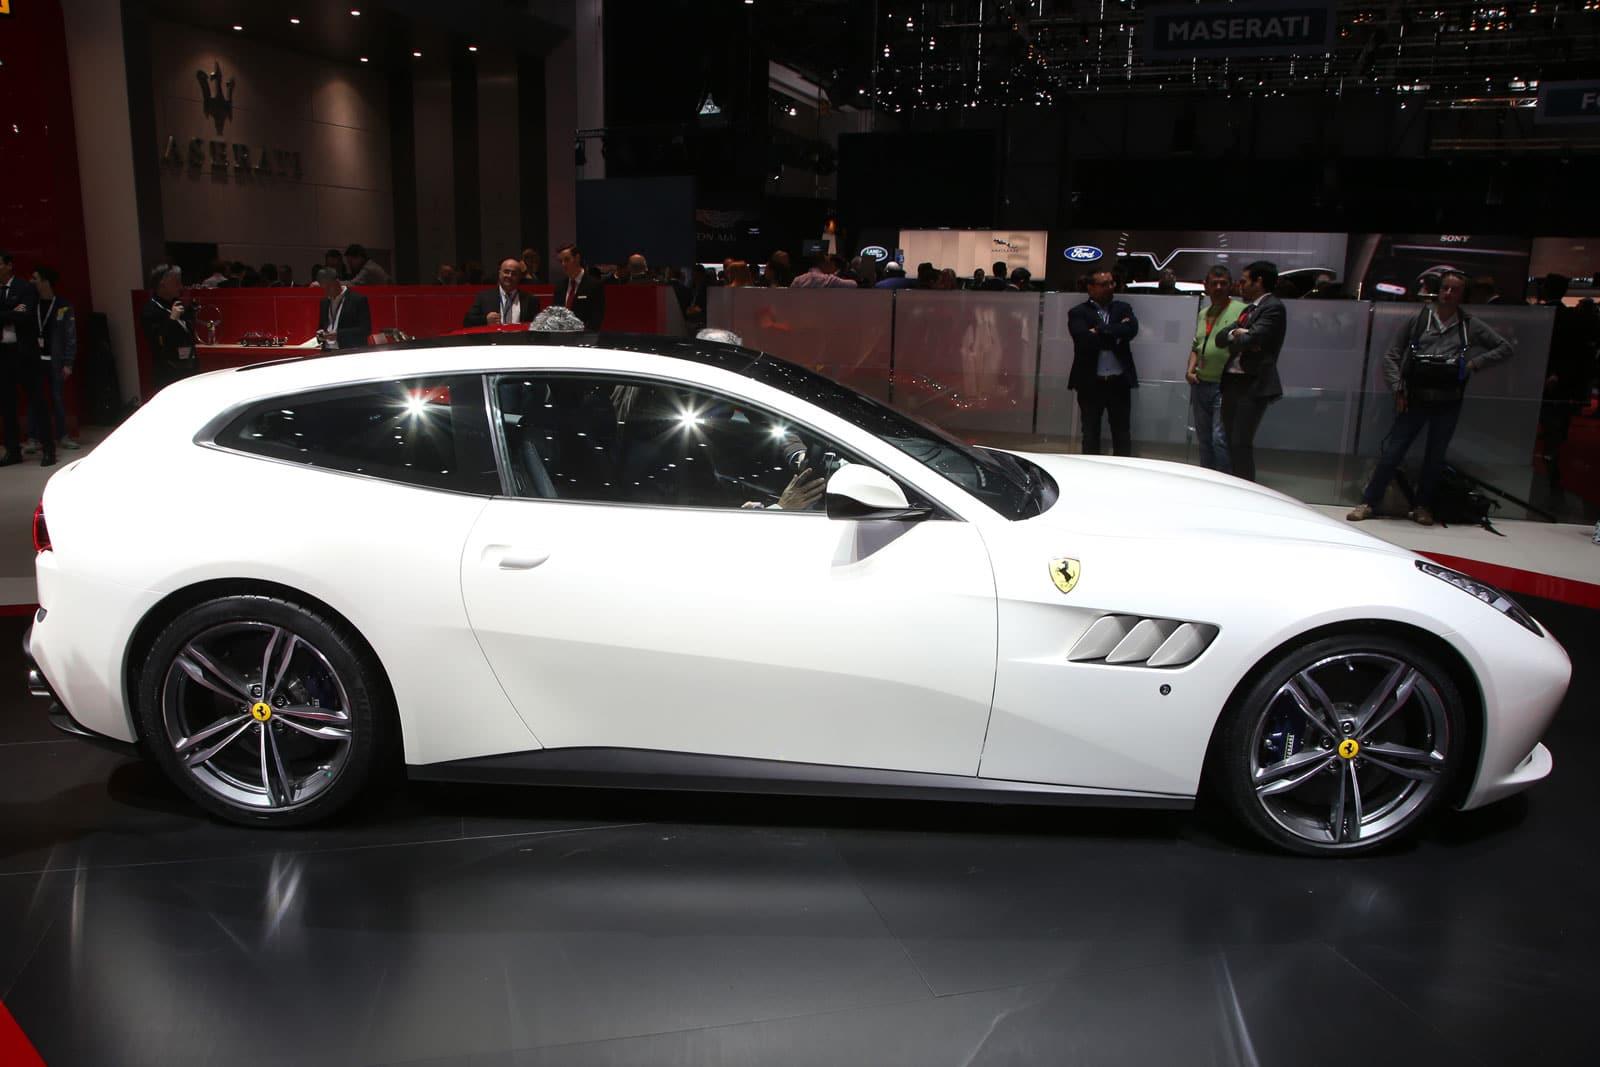 Ferrari GTC4 Lusso : l'une des voitures les plus luxueuses de la marque